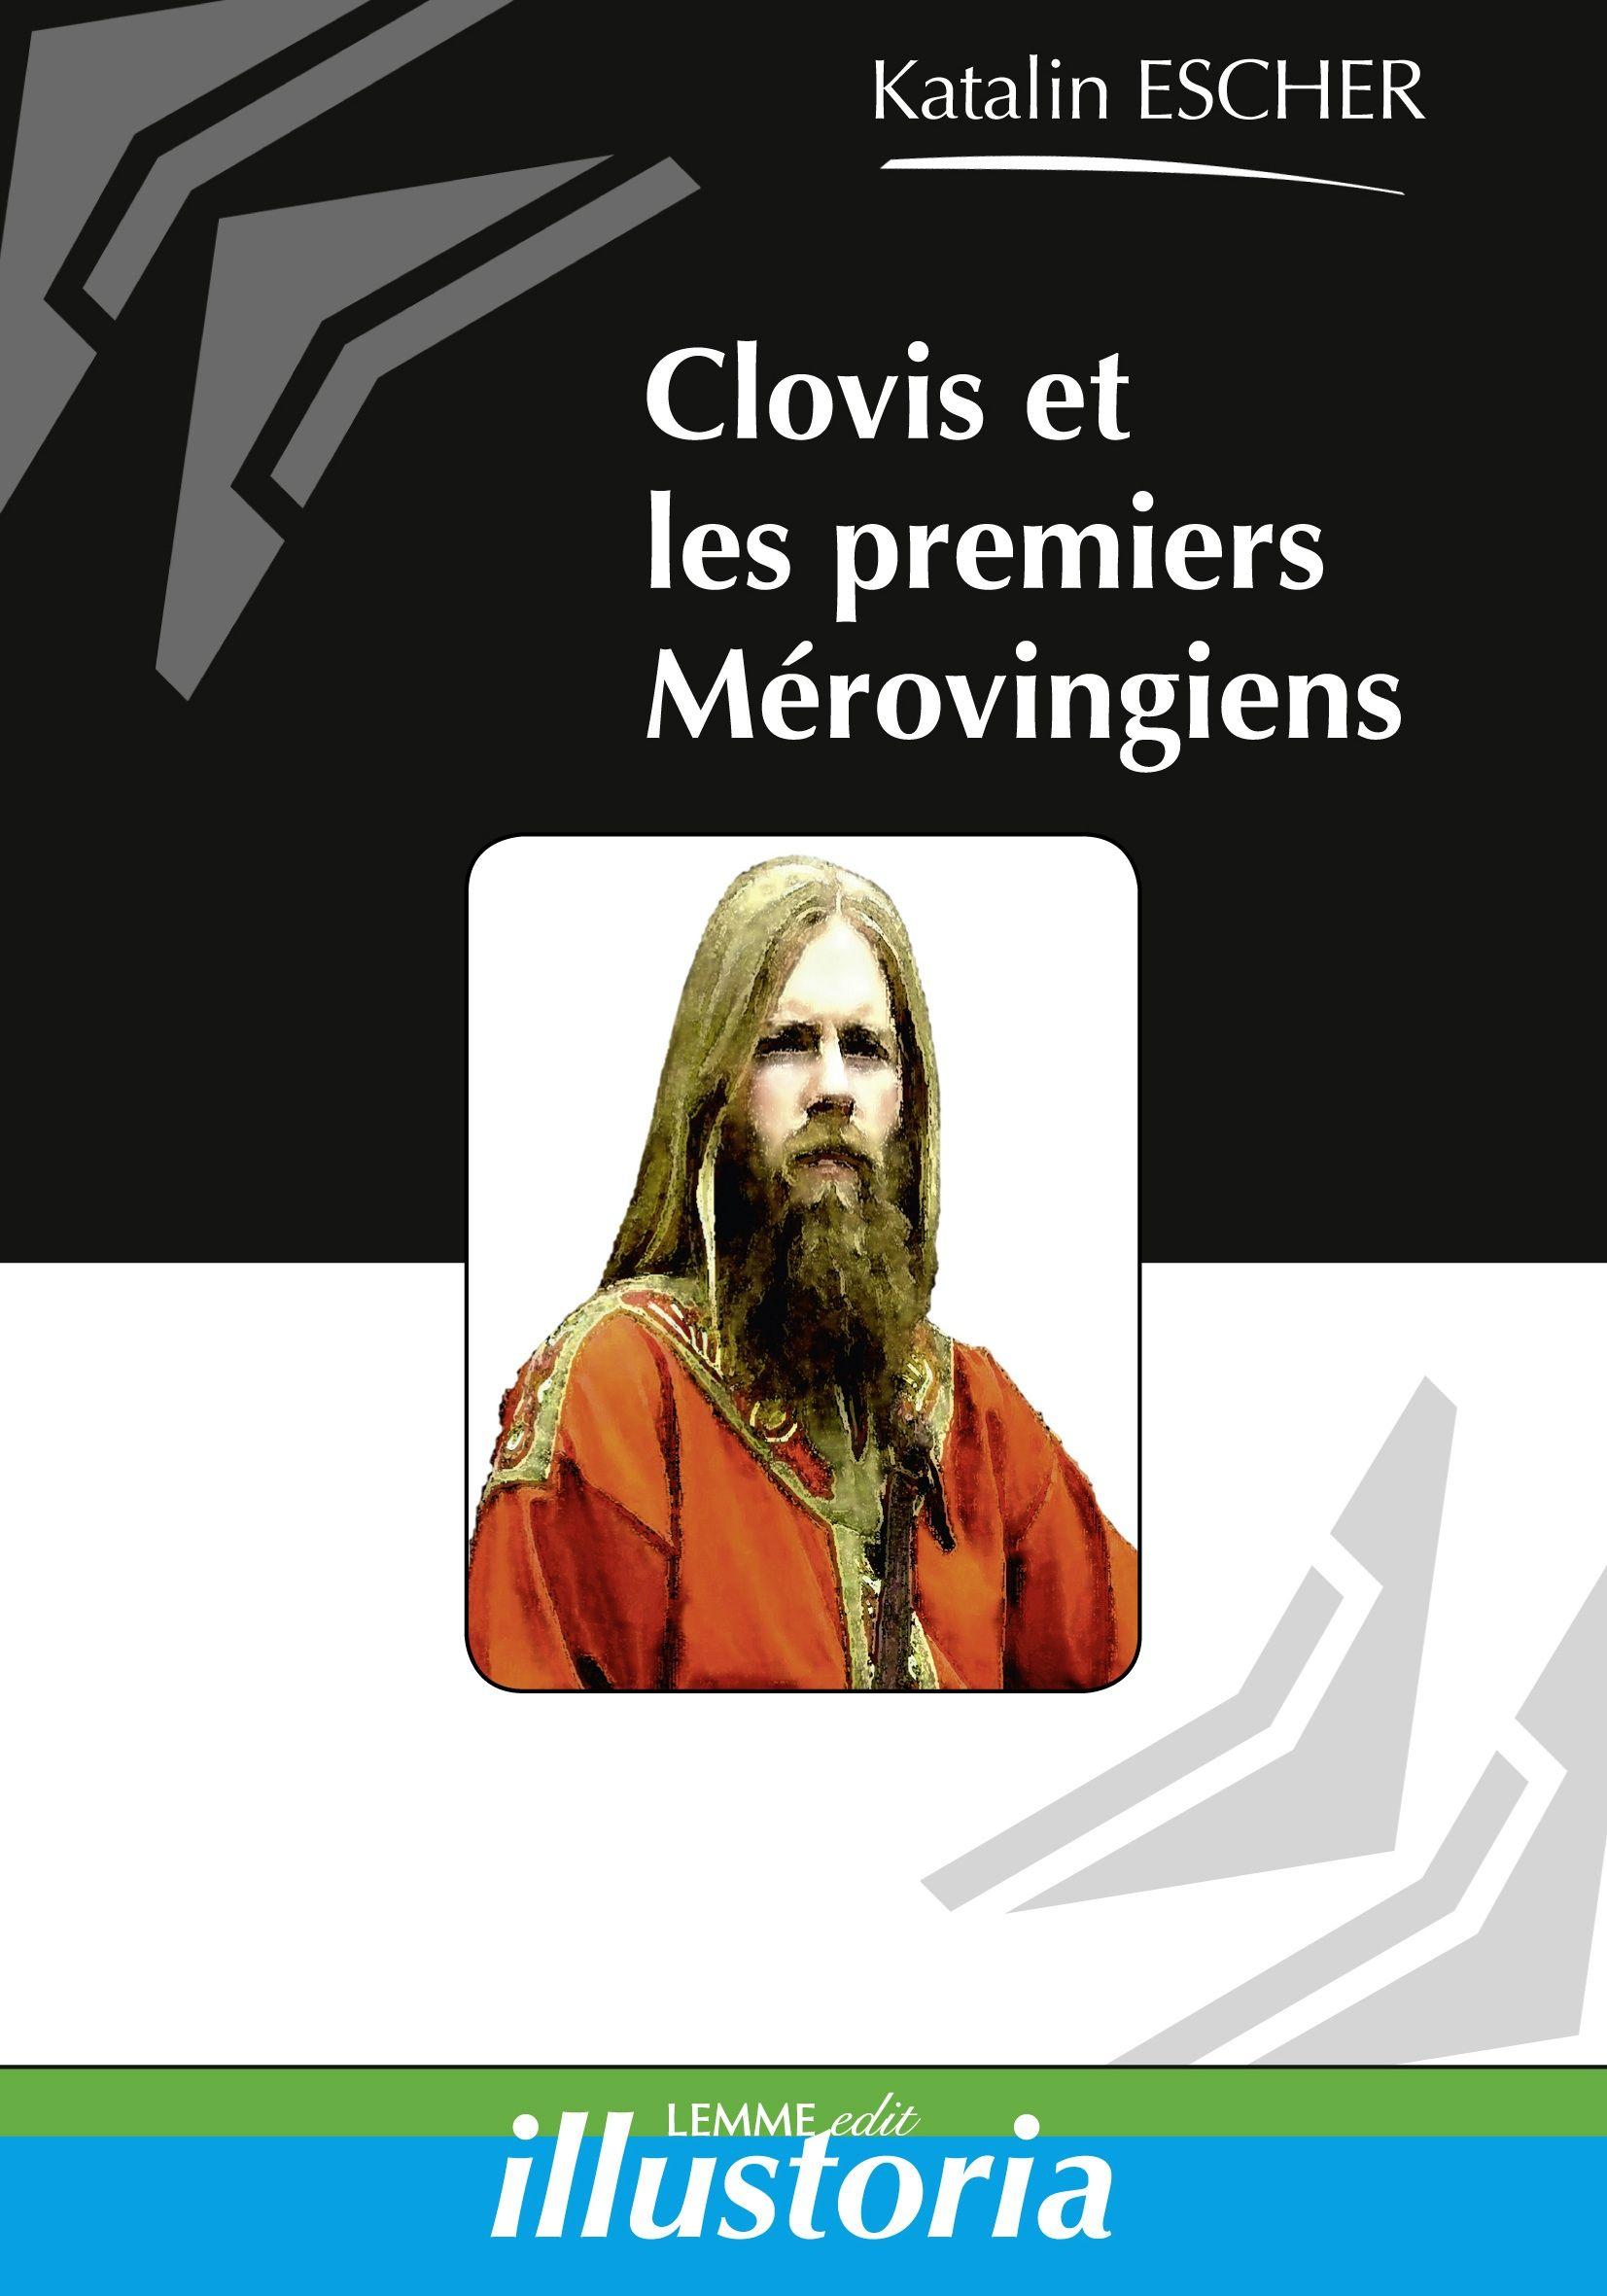 Clovis et les premiers Mérovingiens, Katalin Escher, ouvrage d'histoire médiavale, Clovis, royaume des Francs.